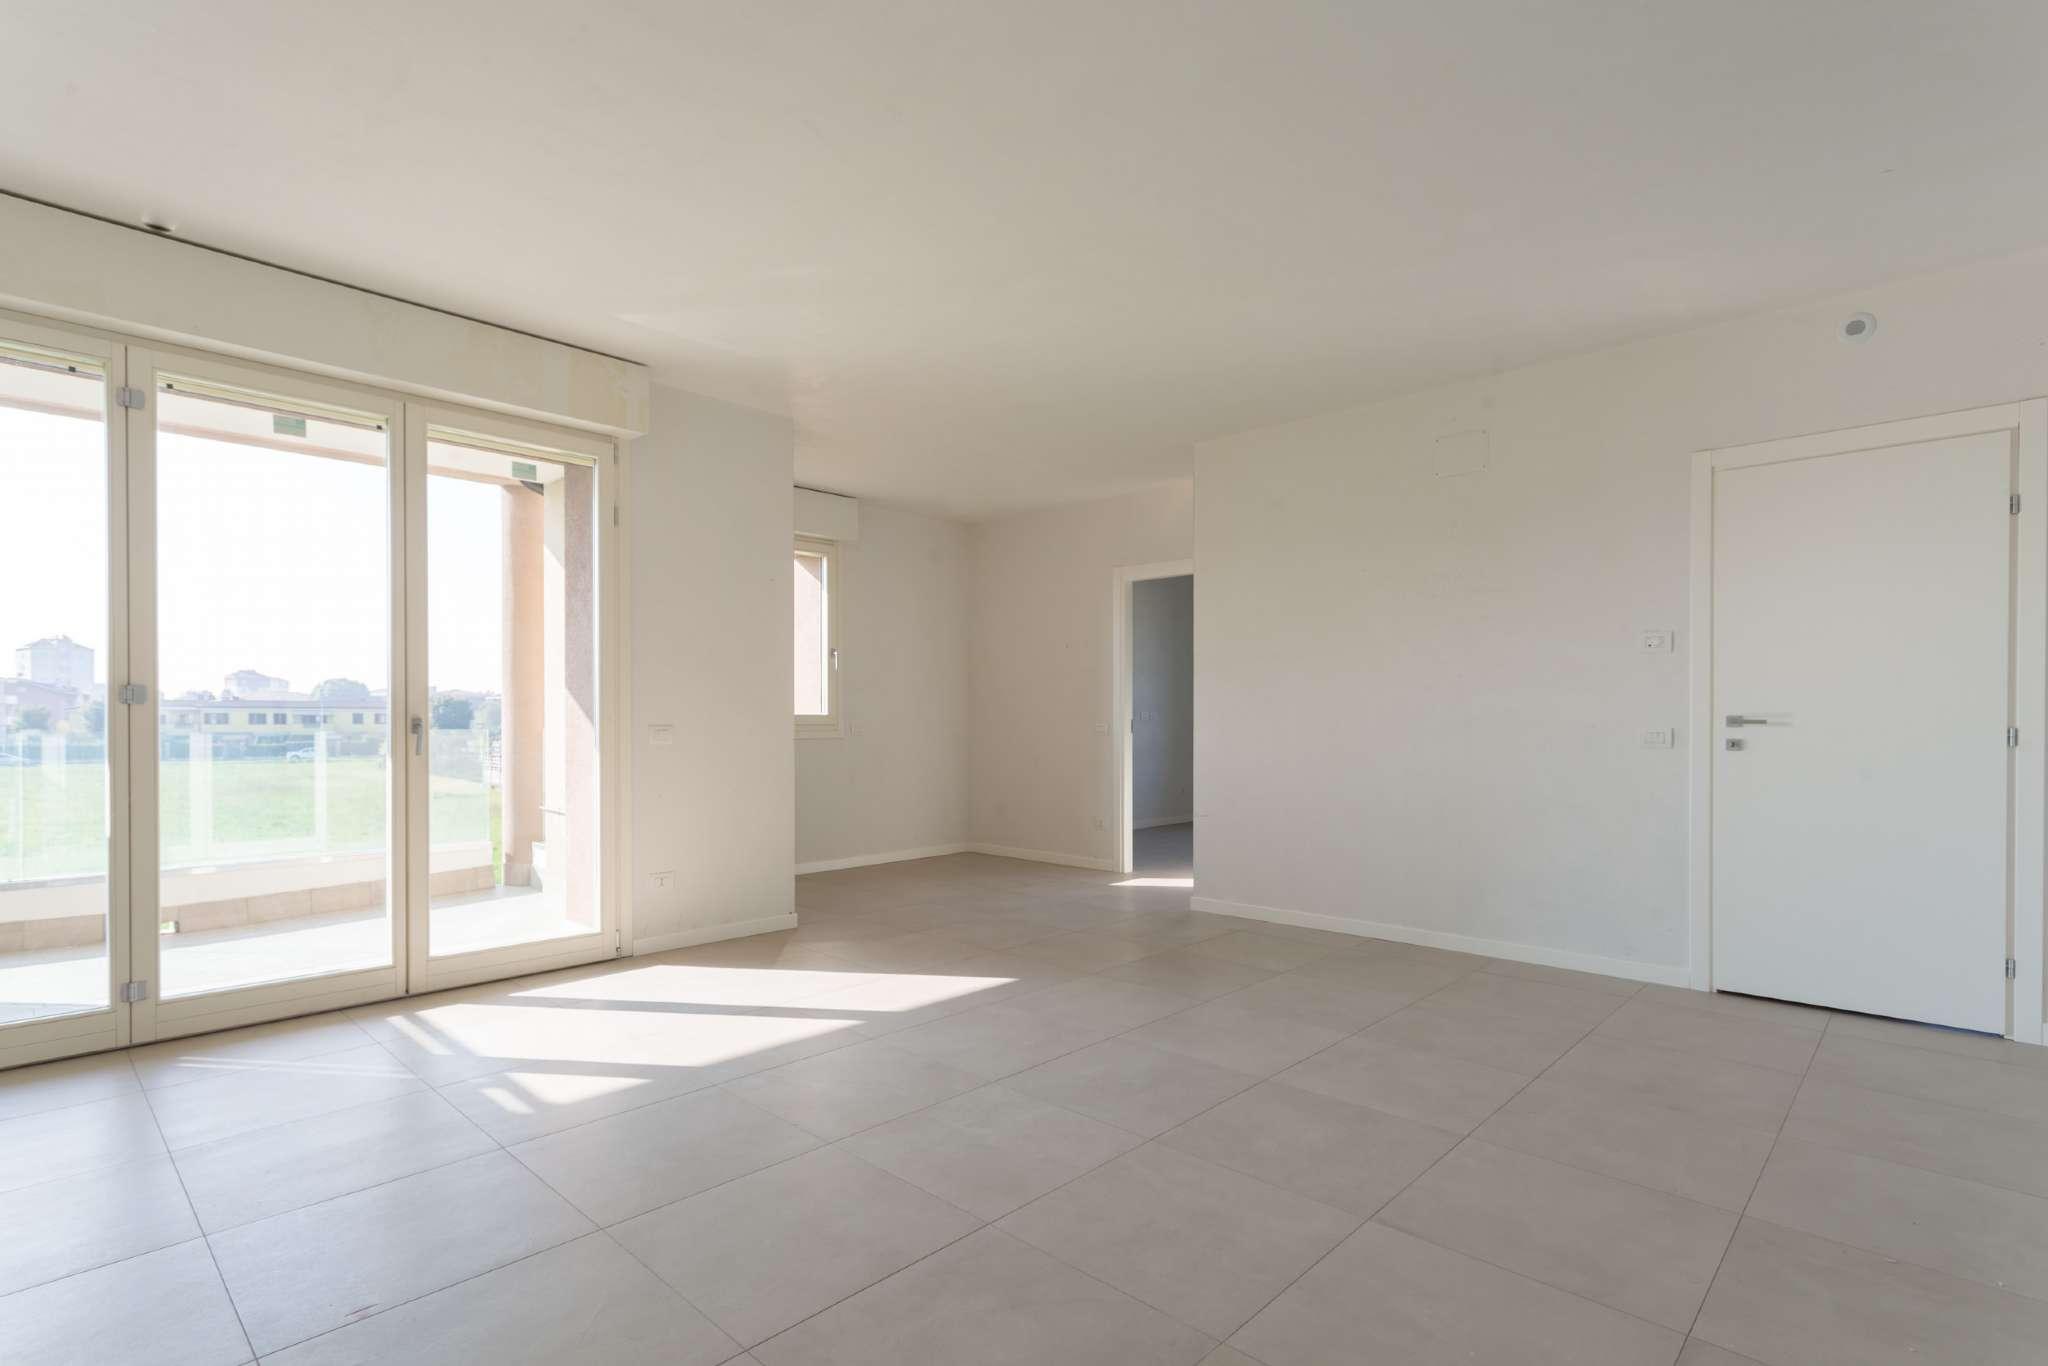 Appartamento in vendita a Cassina de' Pecchi, 4 locali, prezzo € 419.000 | CambioCasa.it